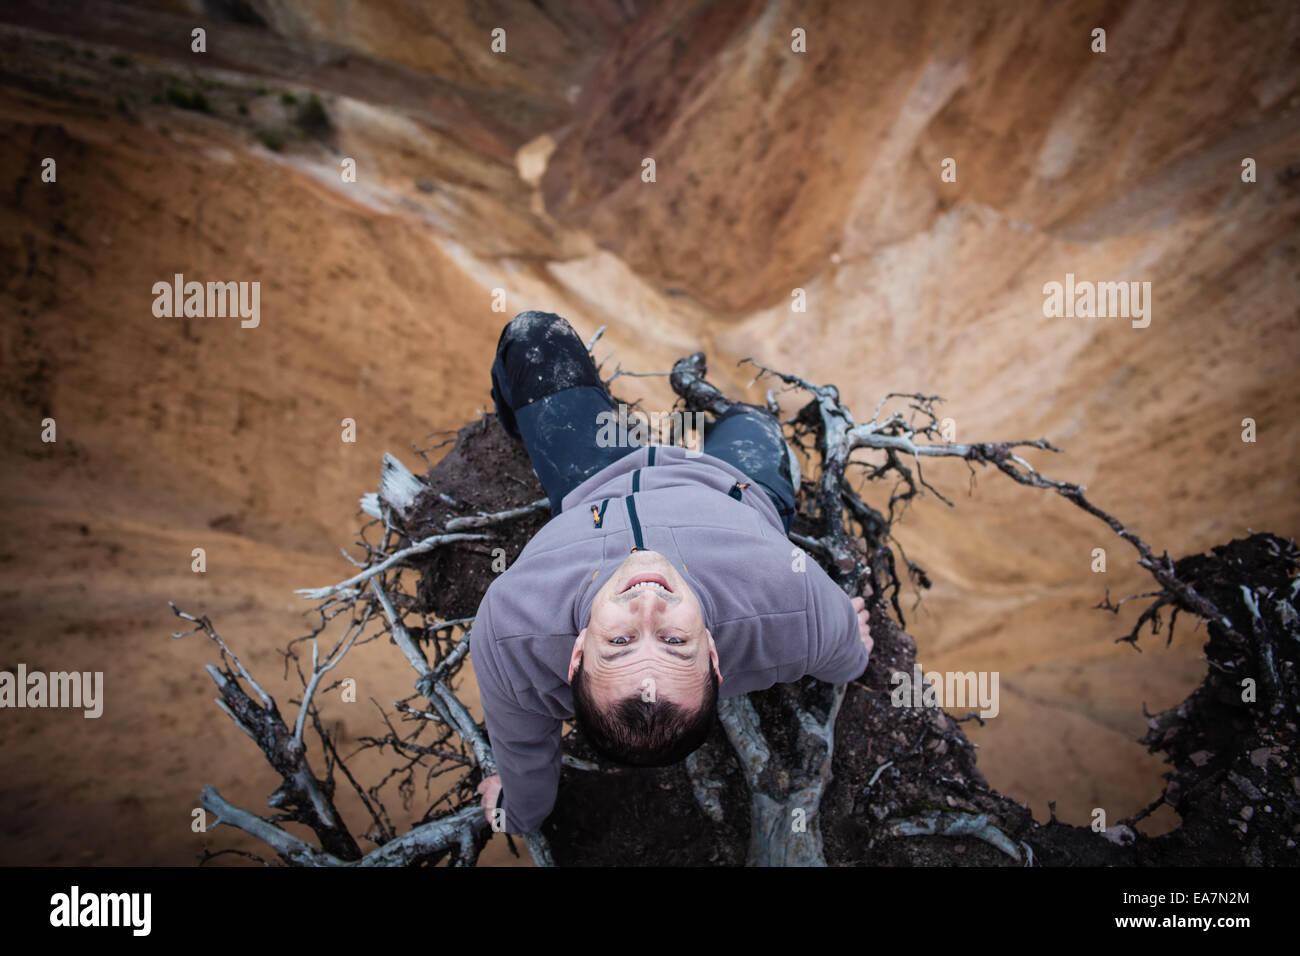 Uomo seduto sul bordo di una scogliera alta, adrenalina, il coraggio e il concetto di rischio Immagini Stock